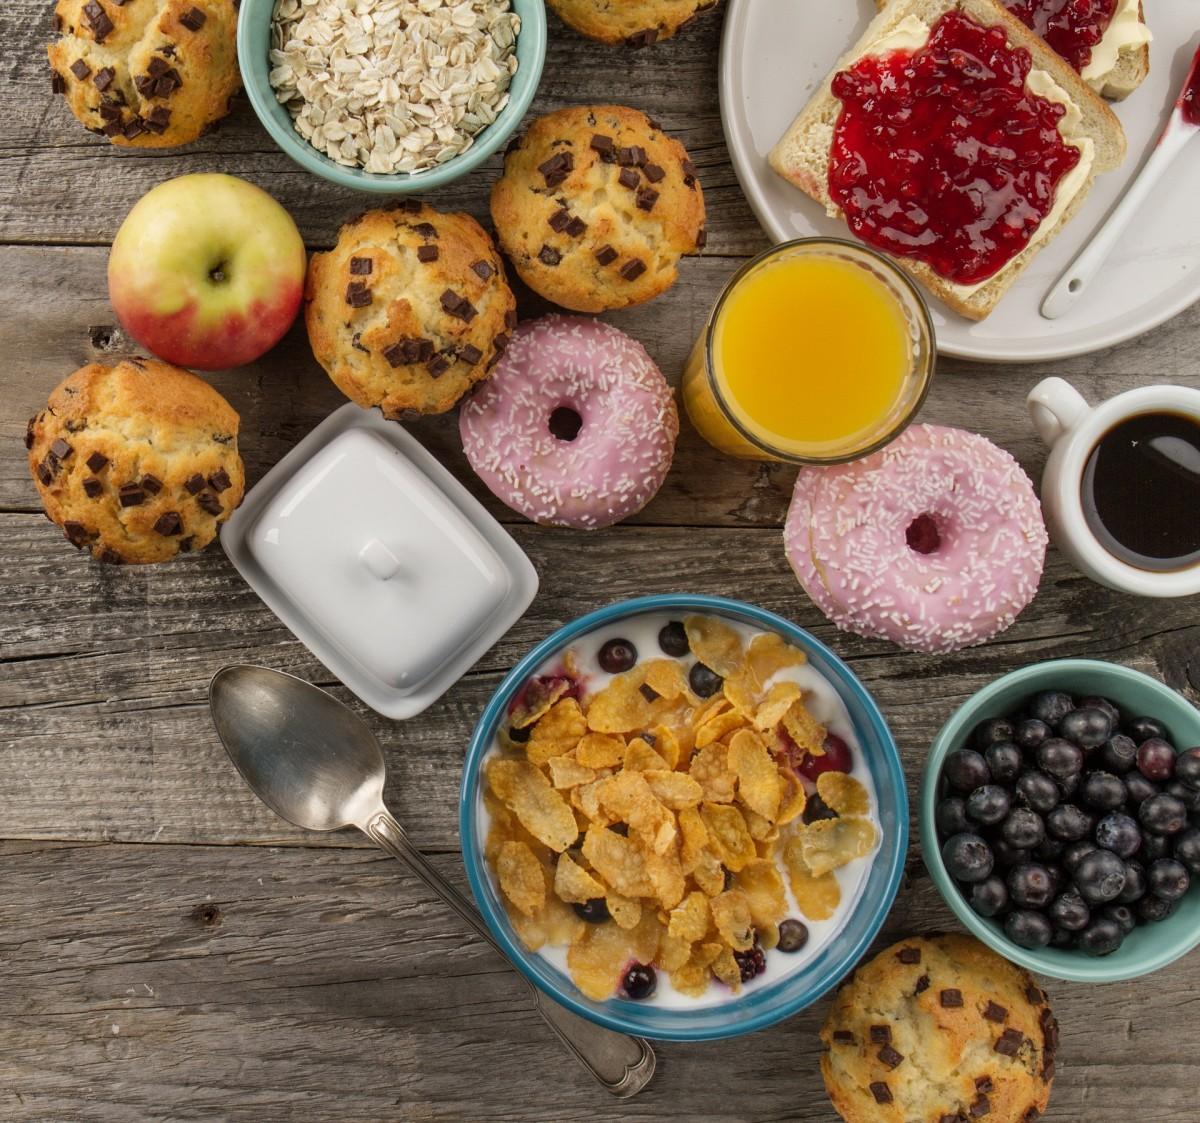 O quebra-cabeça Recolher o quebra-cabeças on-line - Breakfast